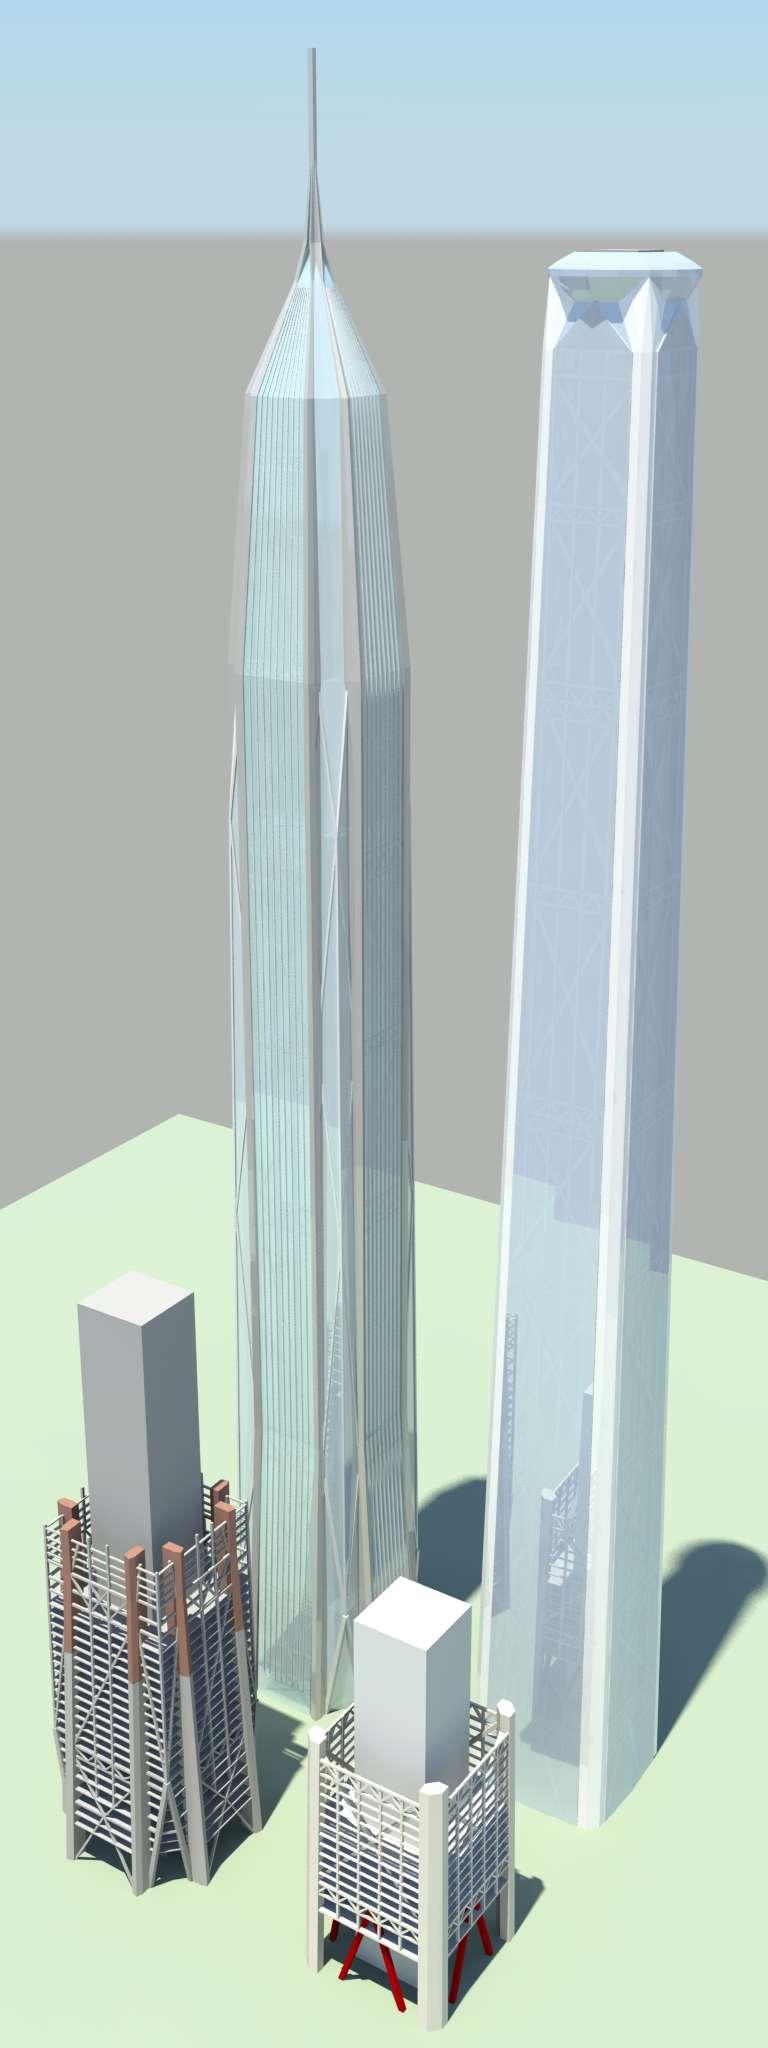 Shenzhen Ping An Finance Center 599m 1965ft 115 Fl